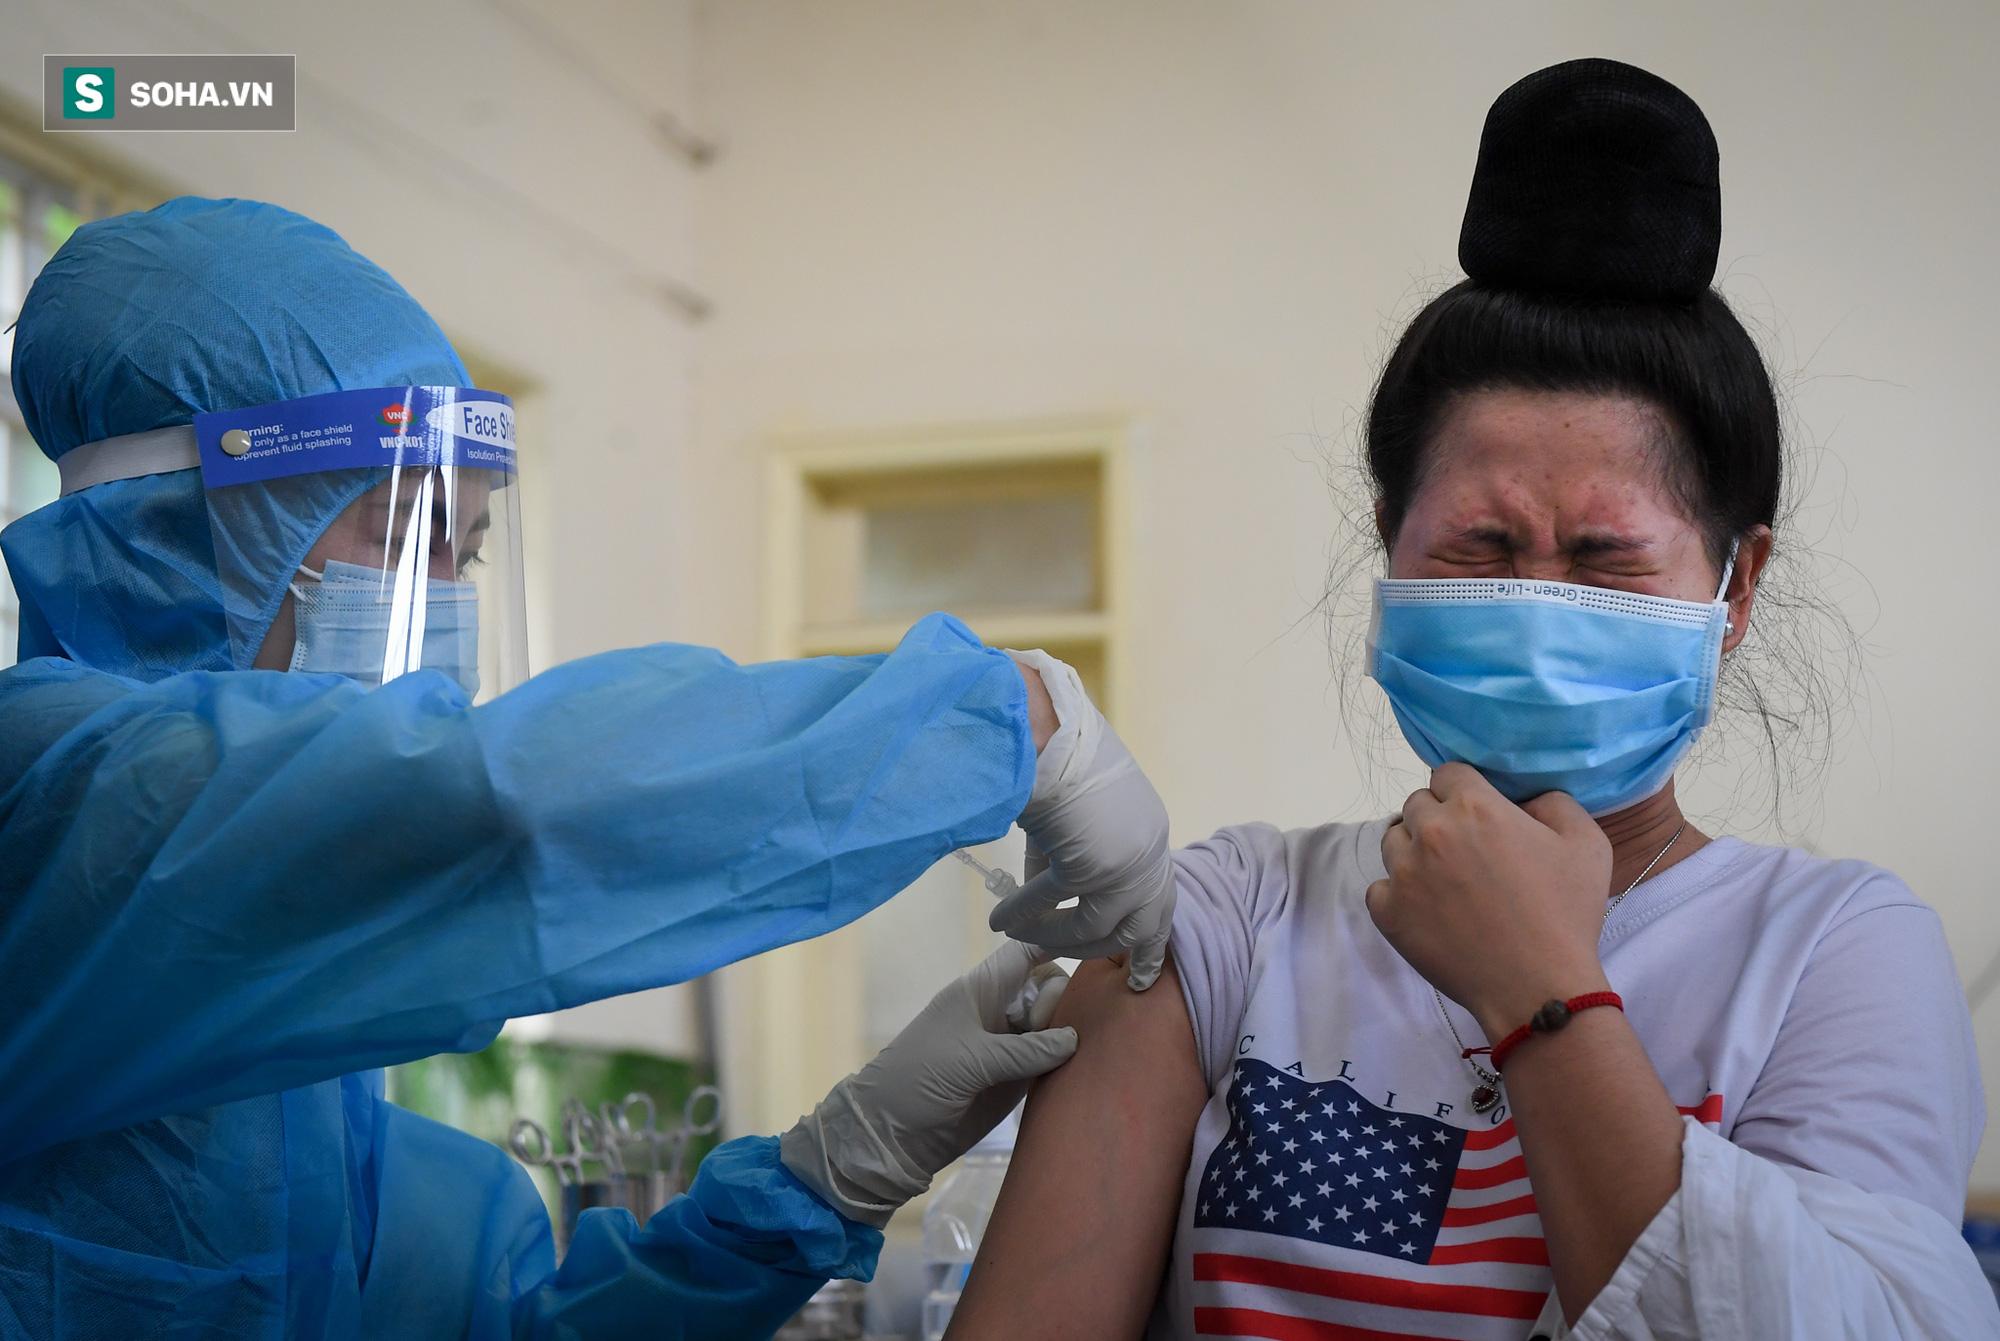 Phường ở Hà Nội tiêm vắc xin Covid-19 cho cả người không có giấy tờ tuỳ thân - Ảnh 5.